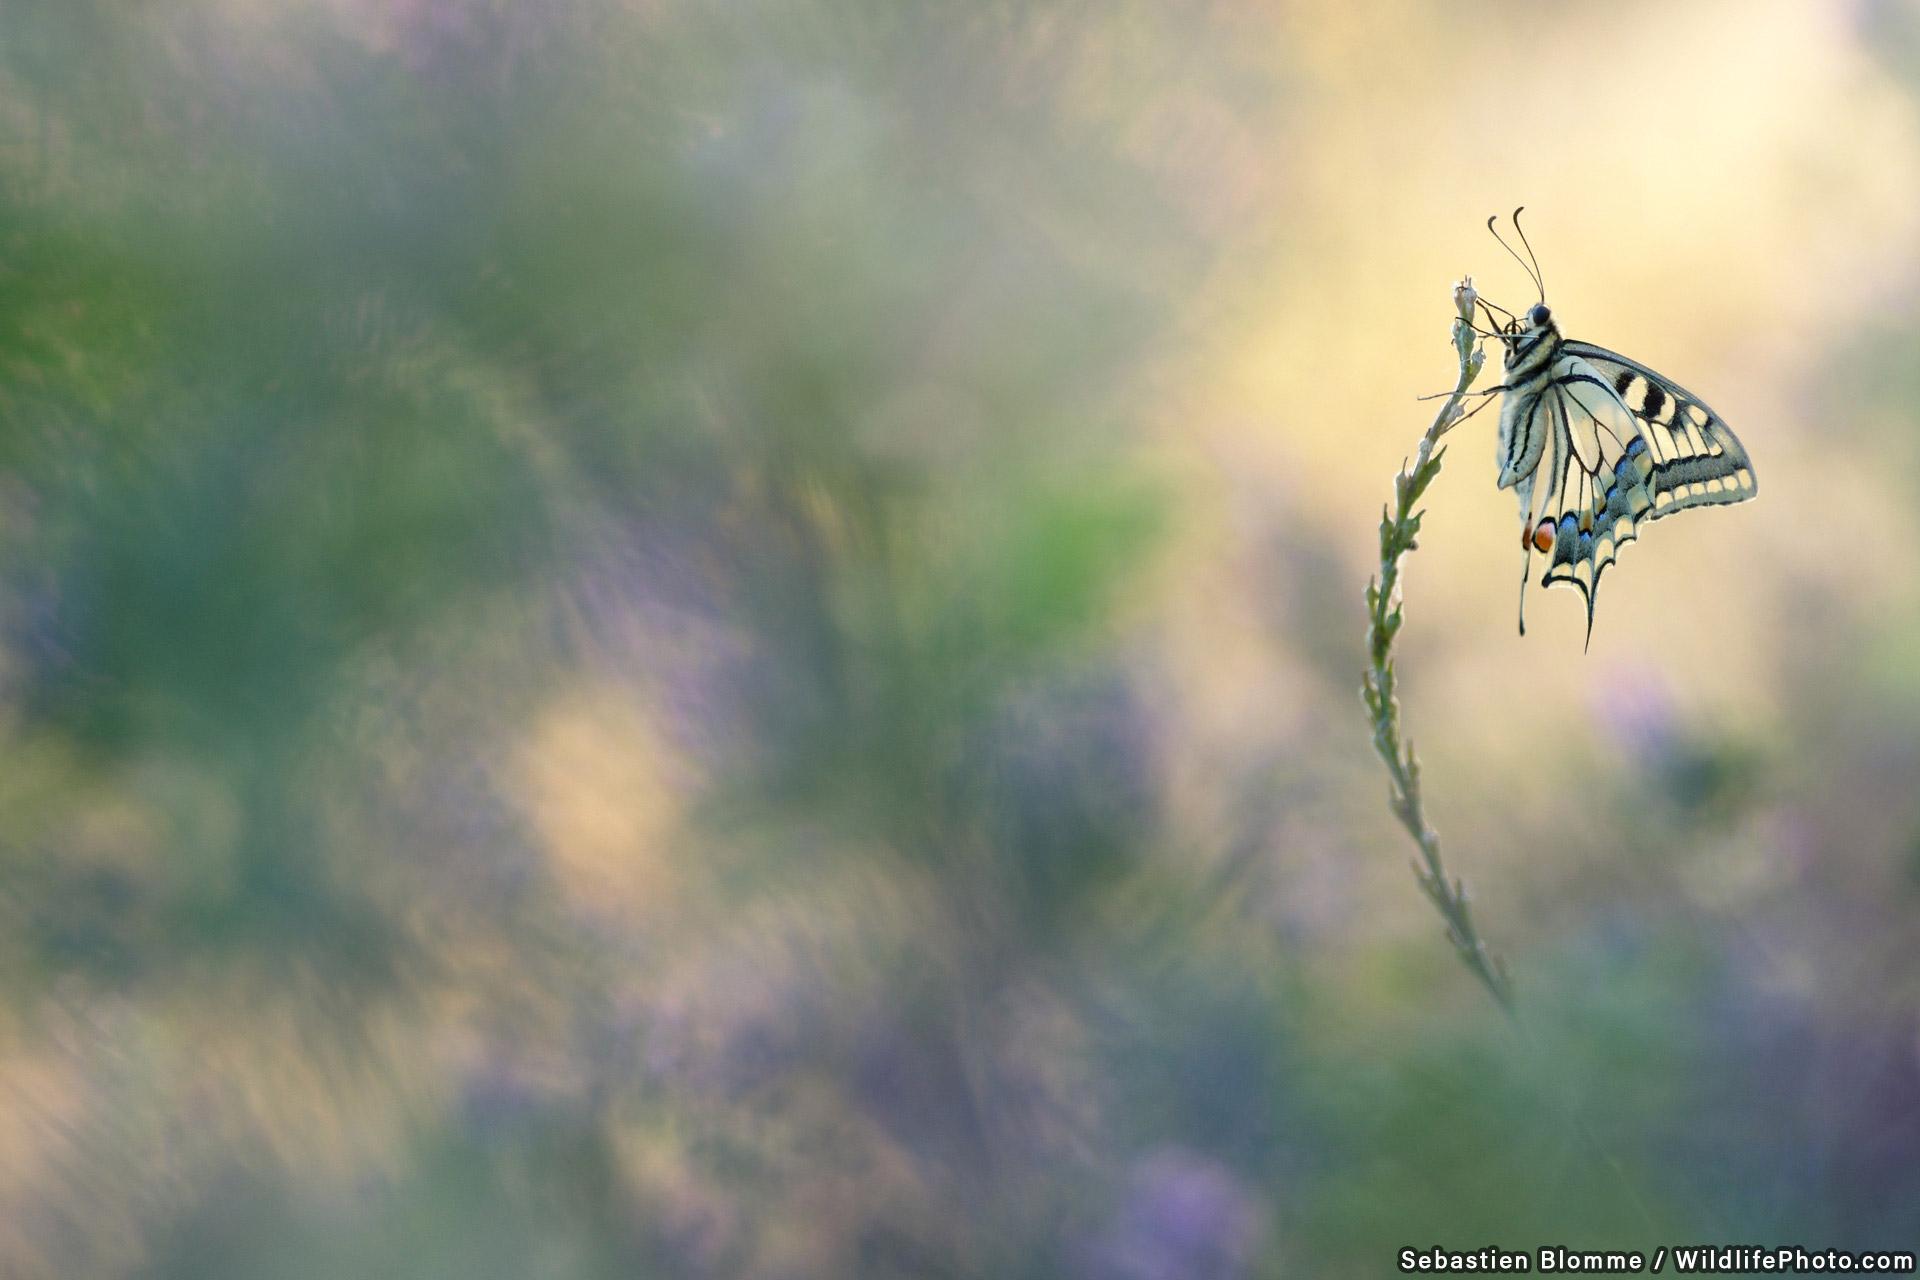 Король бабочек, © Себастьян Бломм, Высокая оценка, Фотоконкурс «Портреты дикой природы»